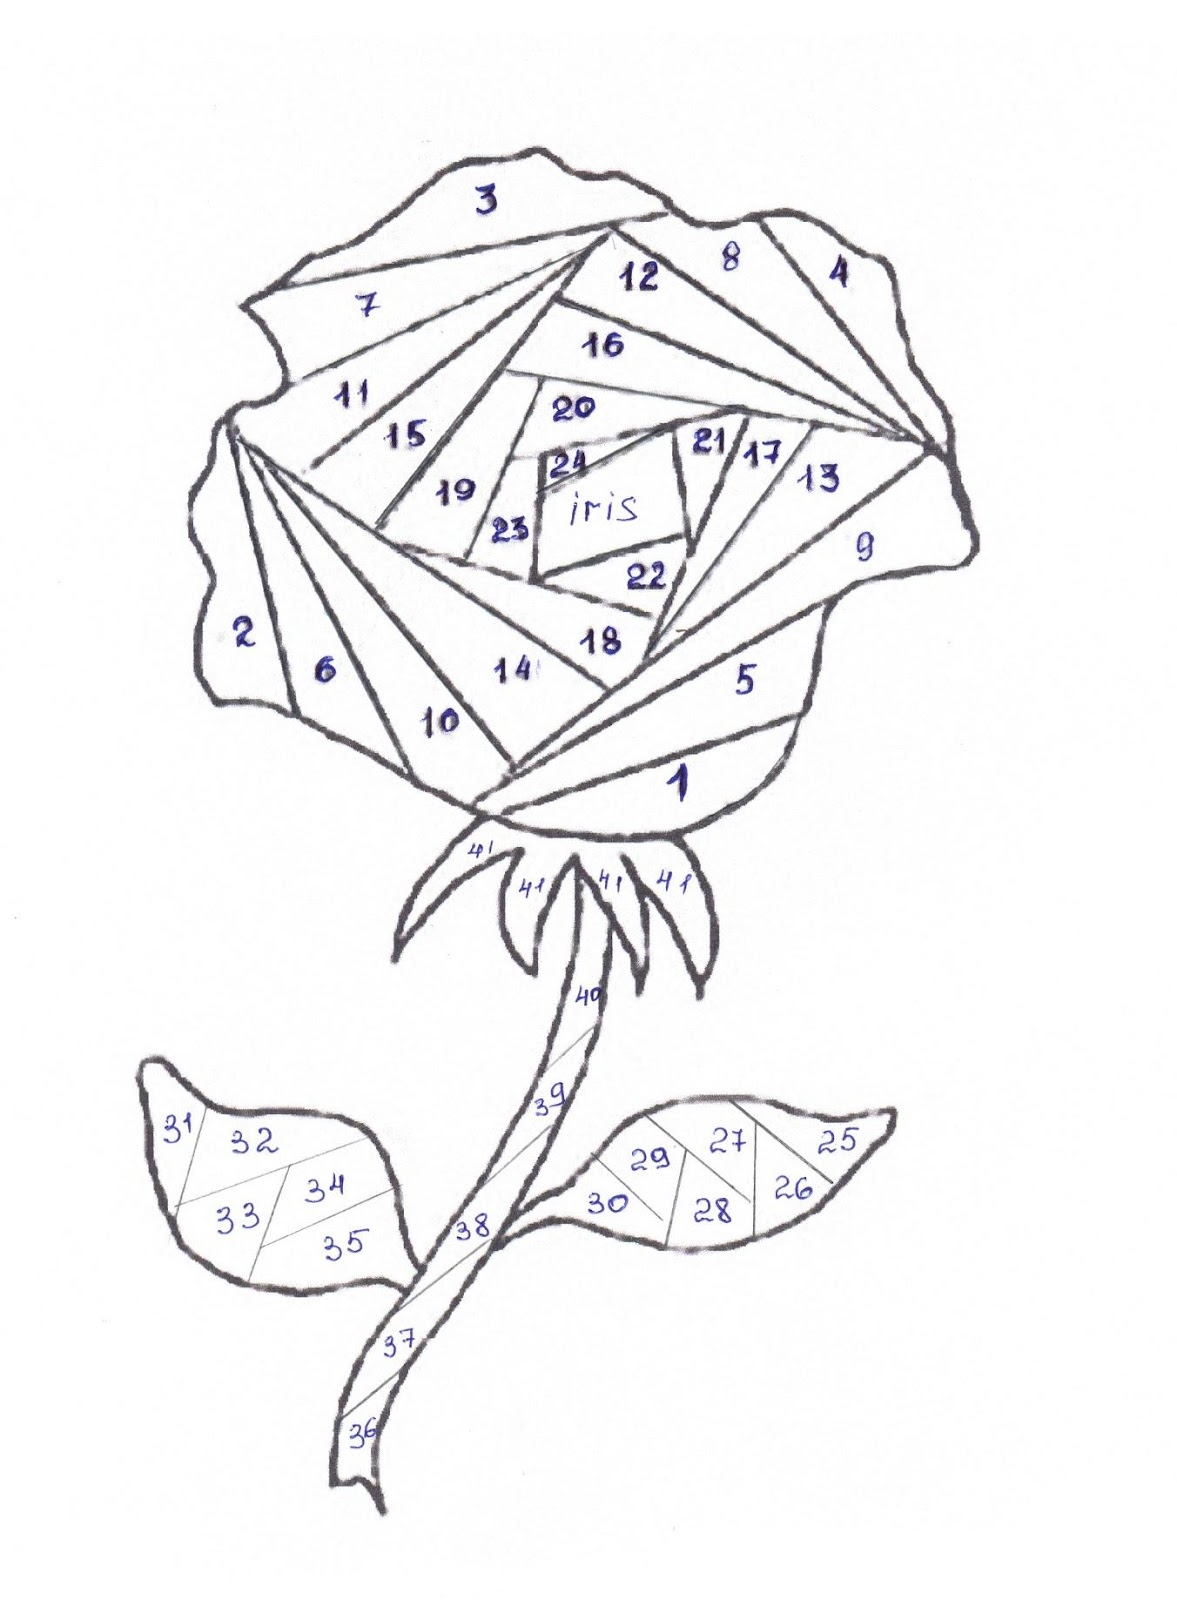 D:\D\рукоделие поделки\Айрис фолдинг\роза айрисУВЕЛИЧЕННАЯ .jpg